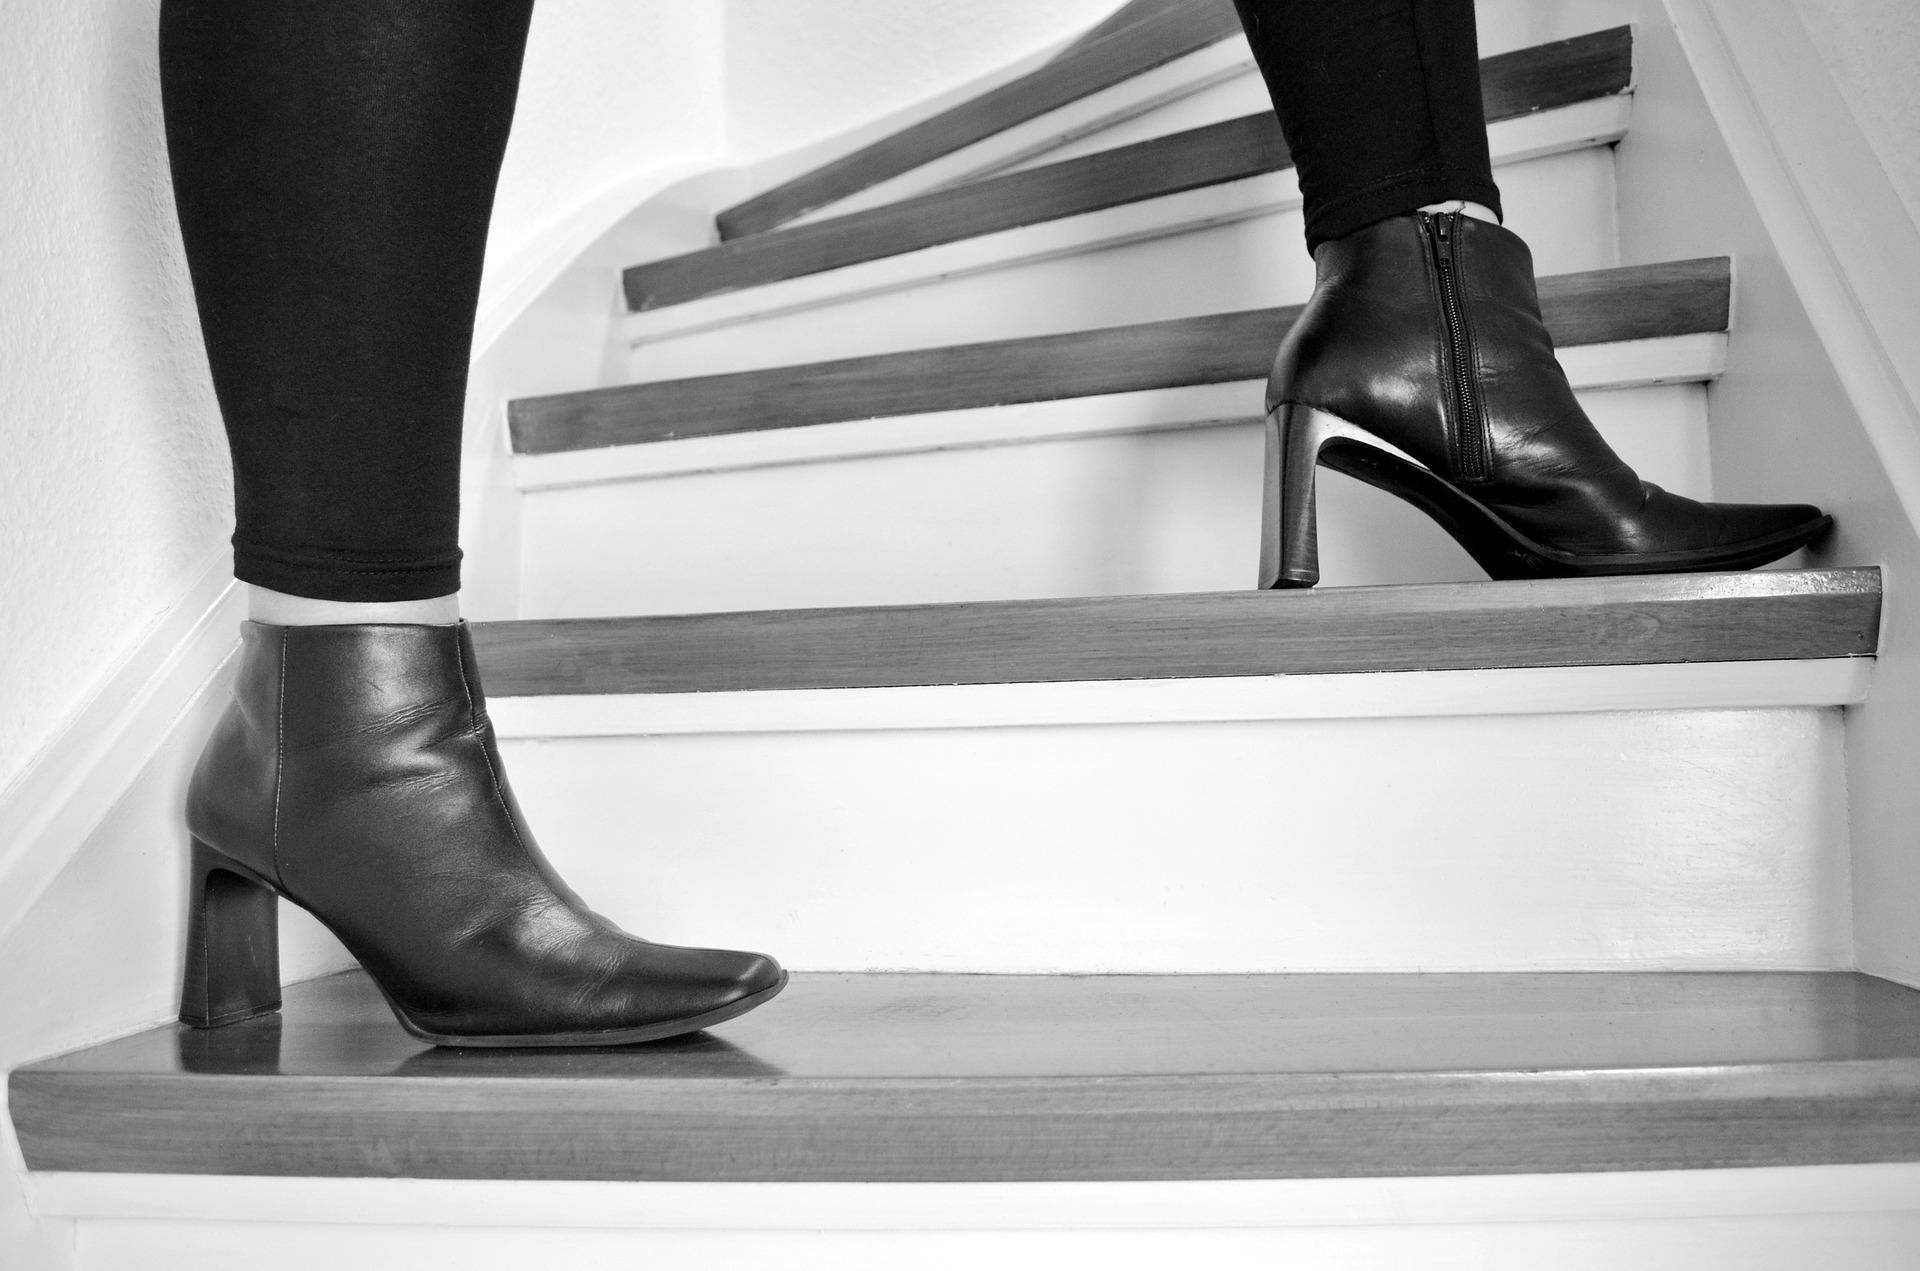 scarpe perfette